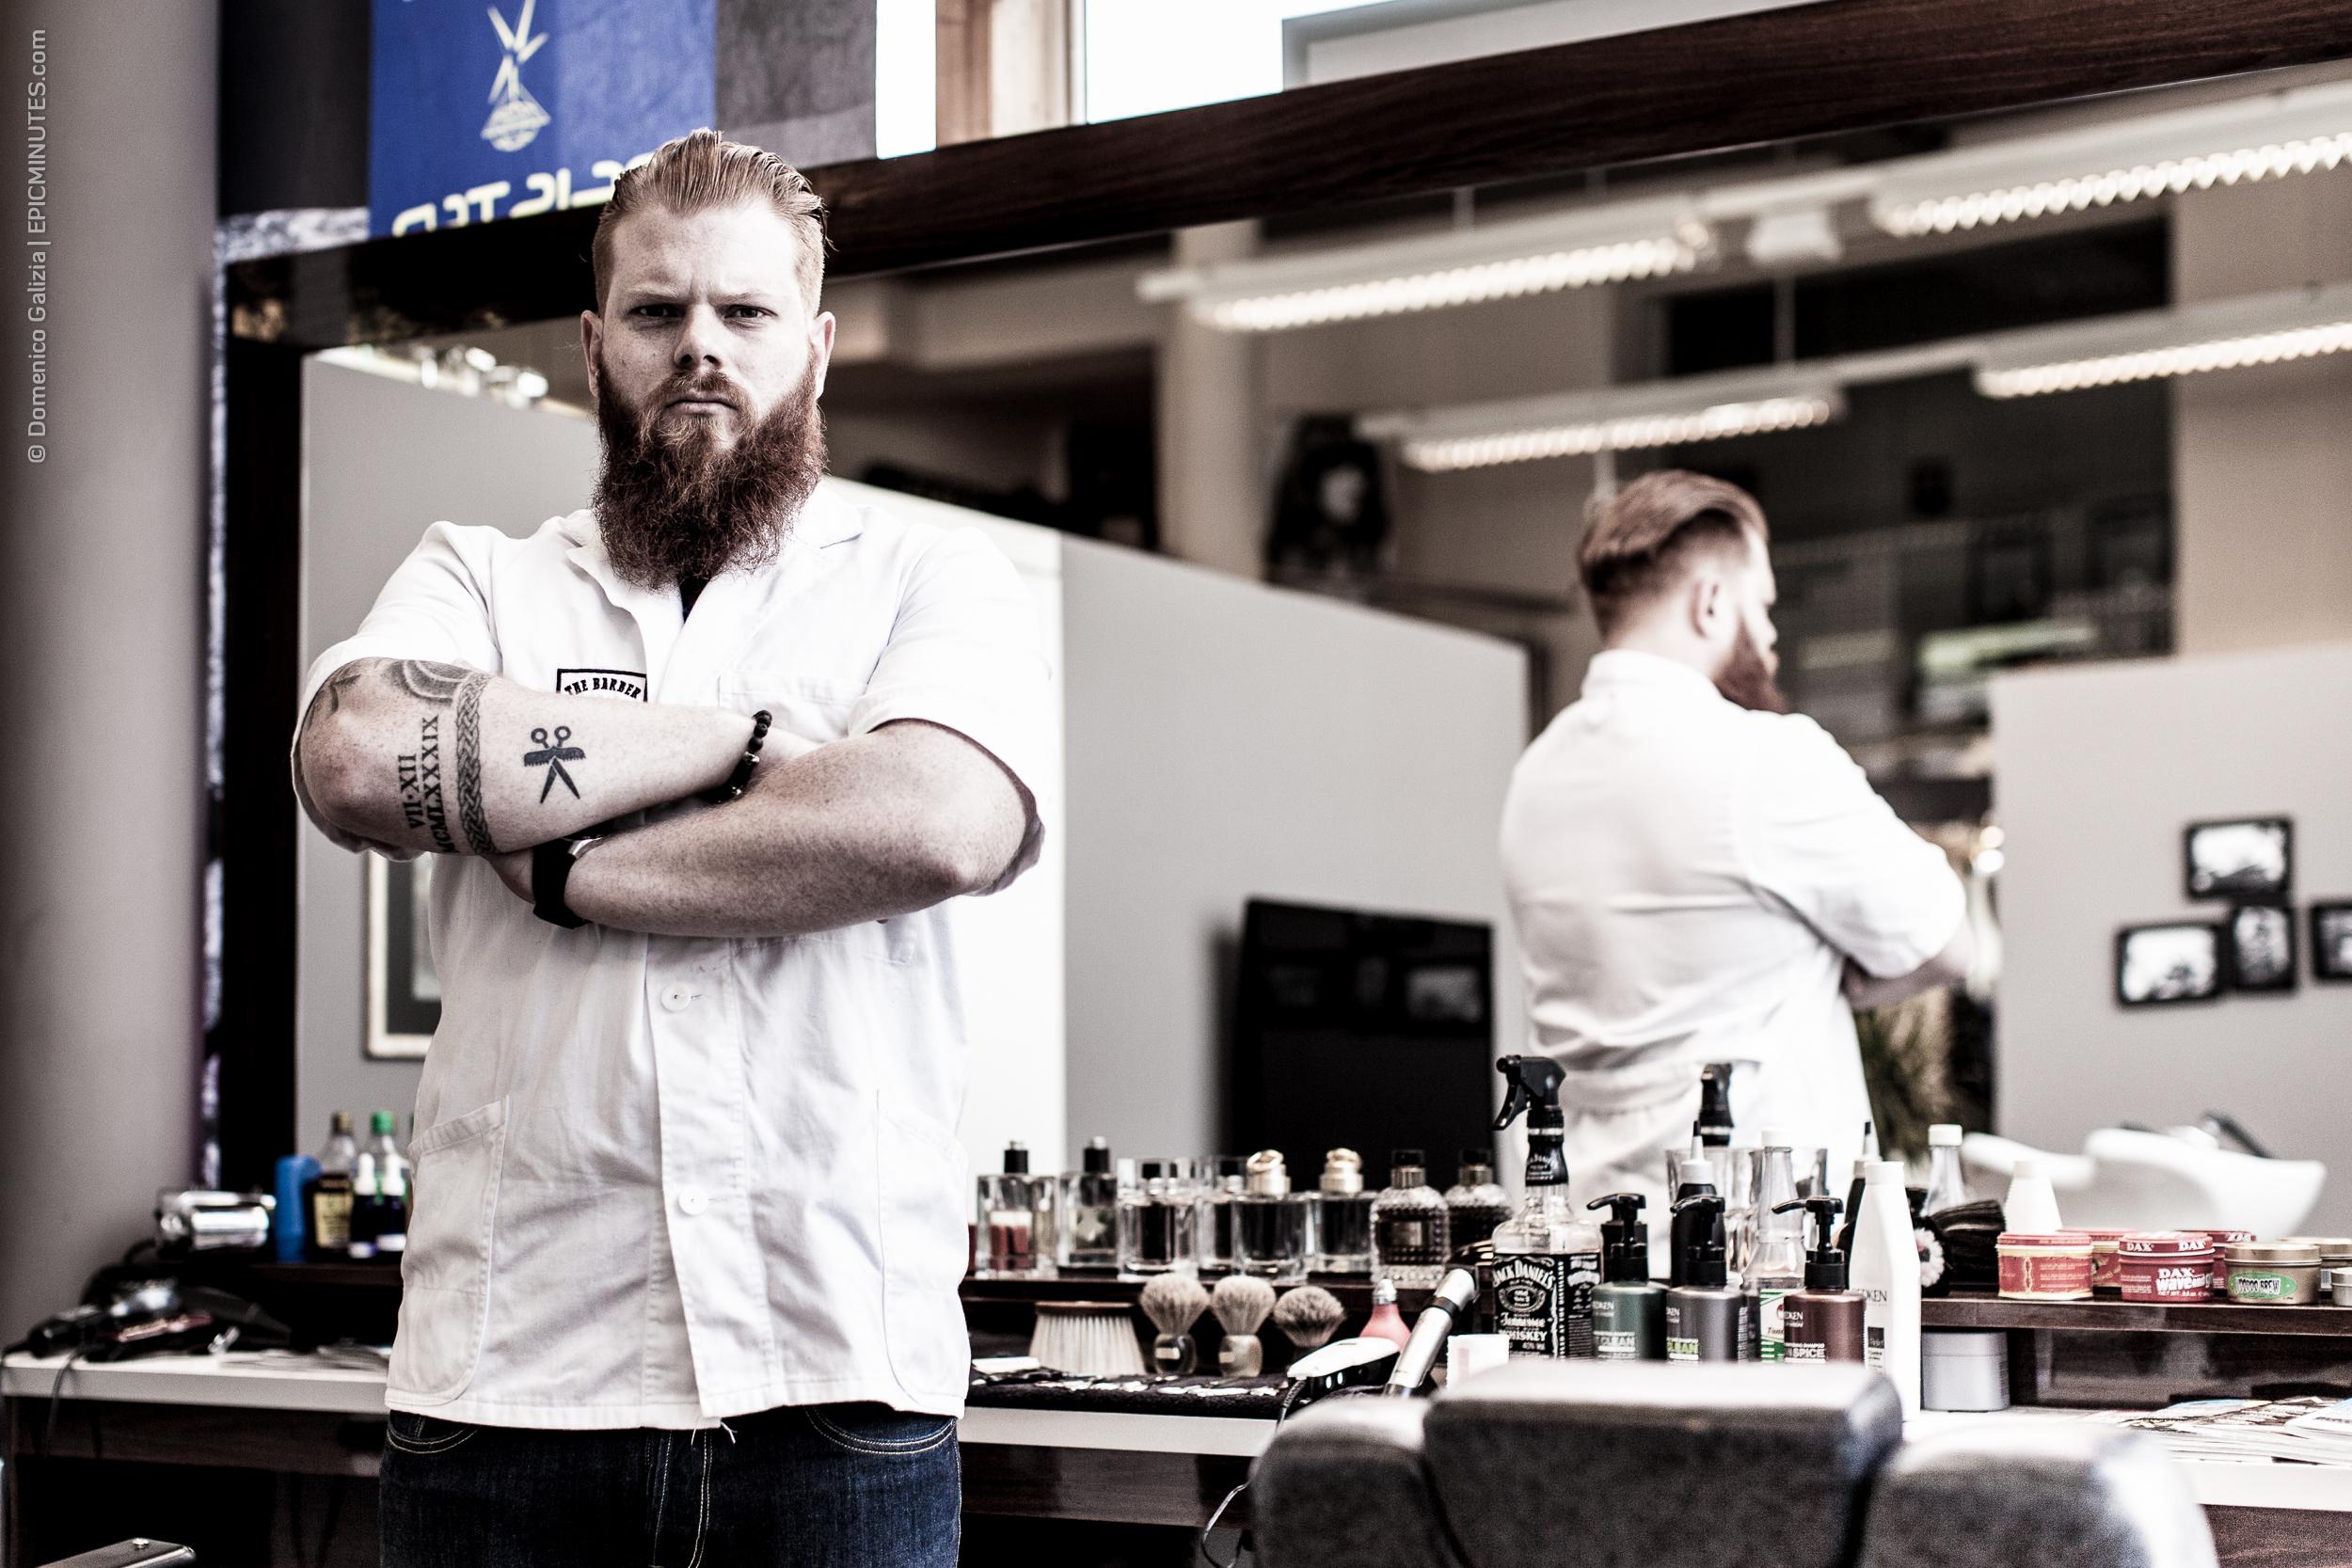 The_Barber_op_Hair-050.jpg